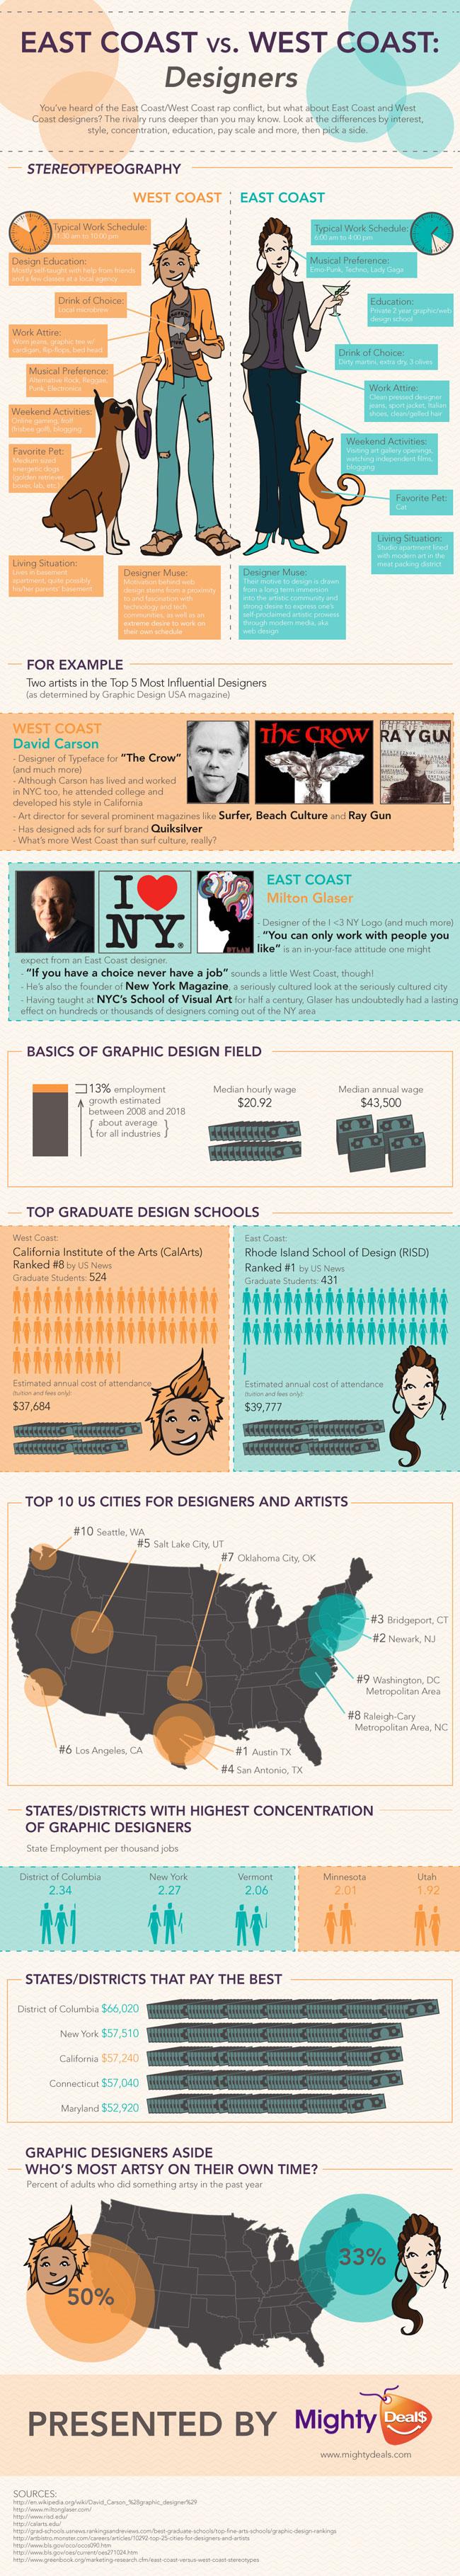 infographic21